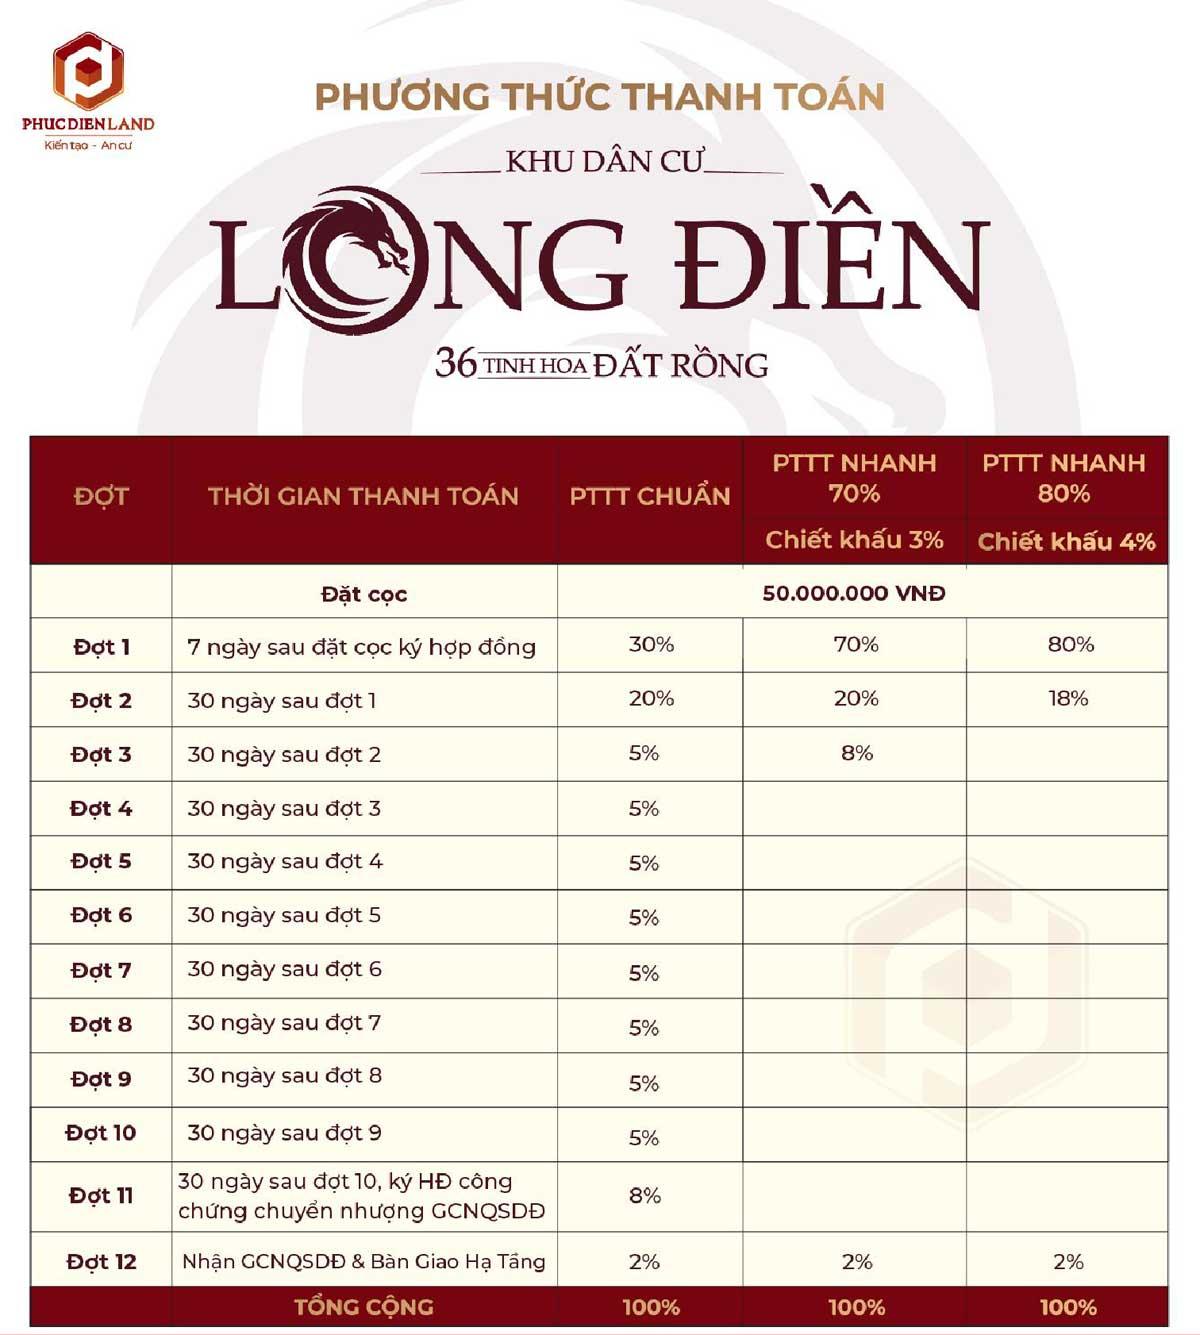 phuong thuc thanh toan du an khu dan cu long dien - DỰ ÁN ĐẤT NỀN KHU DÂN CƯ LONG ĐIỀN BÀ RỊA VŨNG TÀU